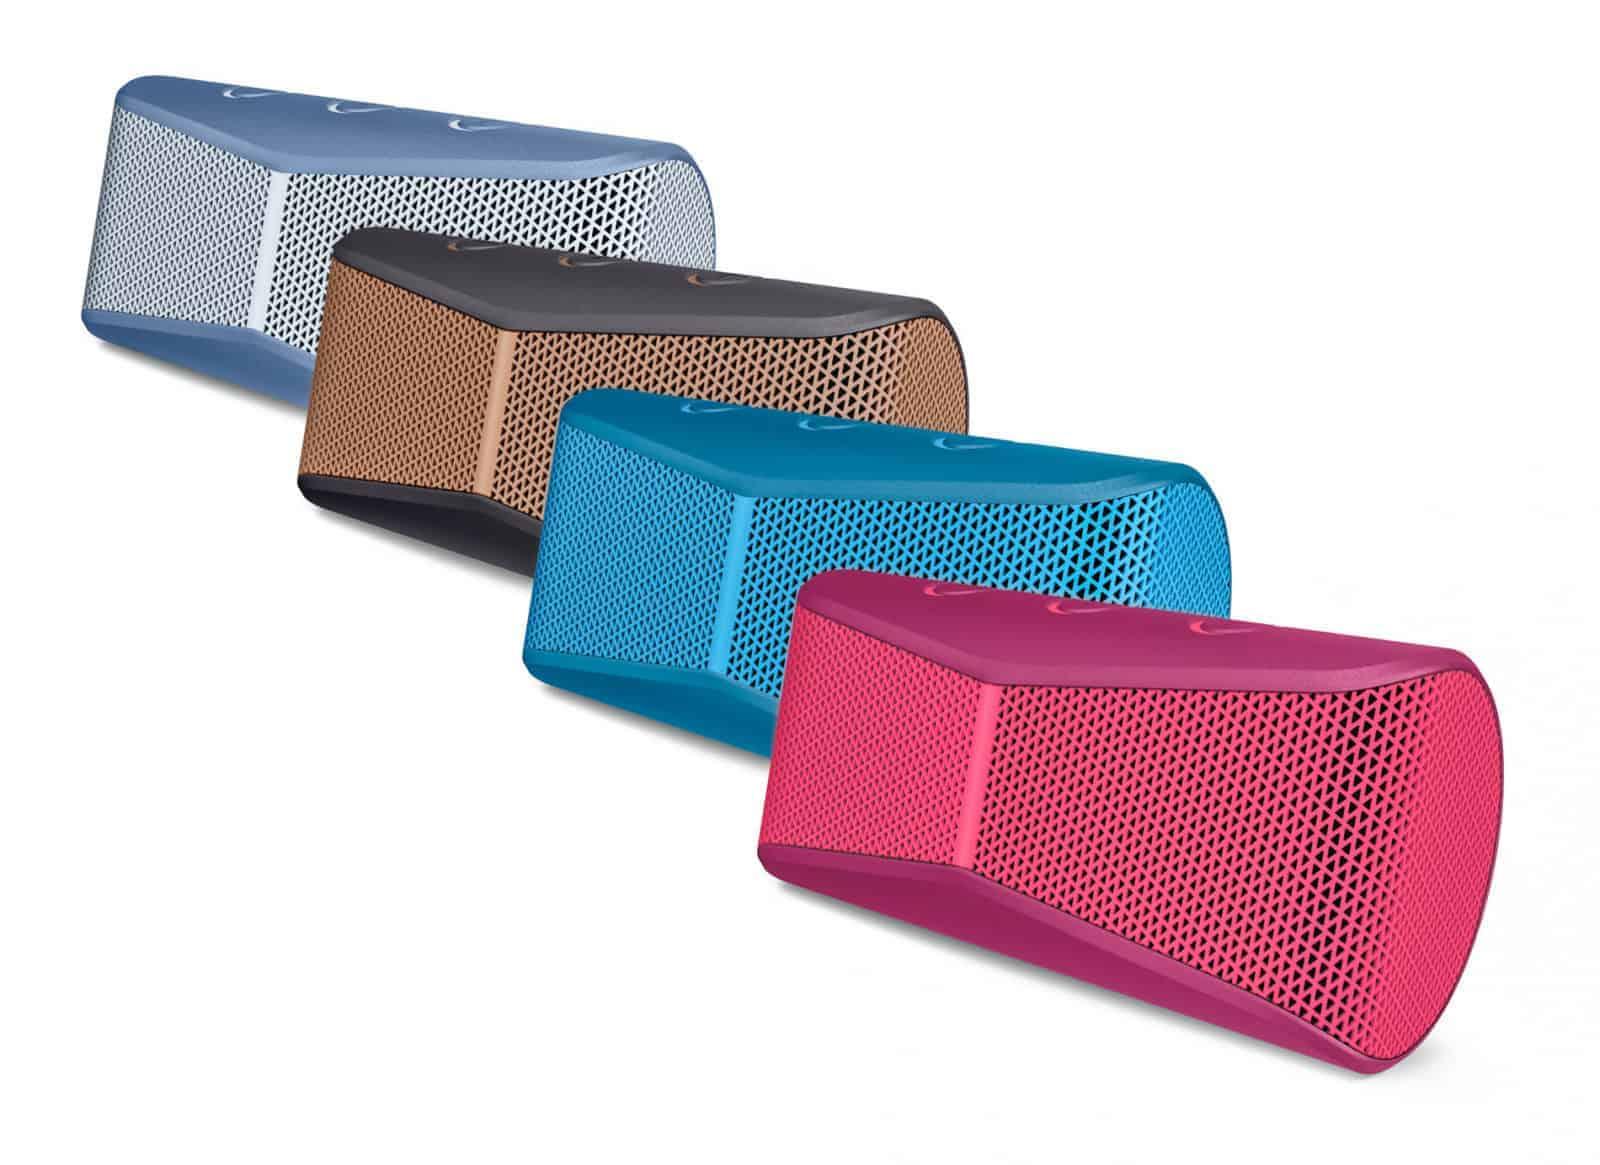 logitech-x300-wireless-speaker-4